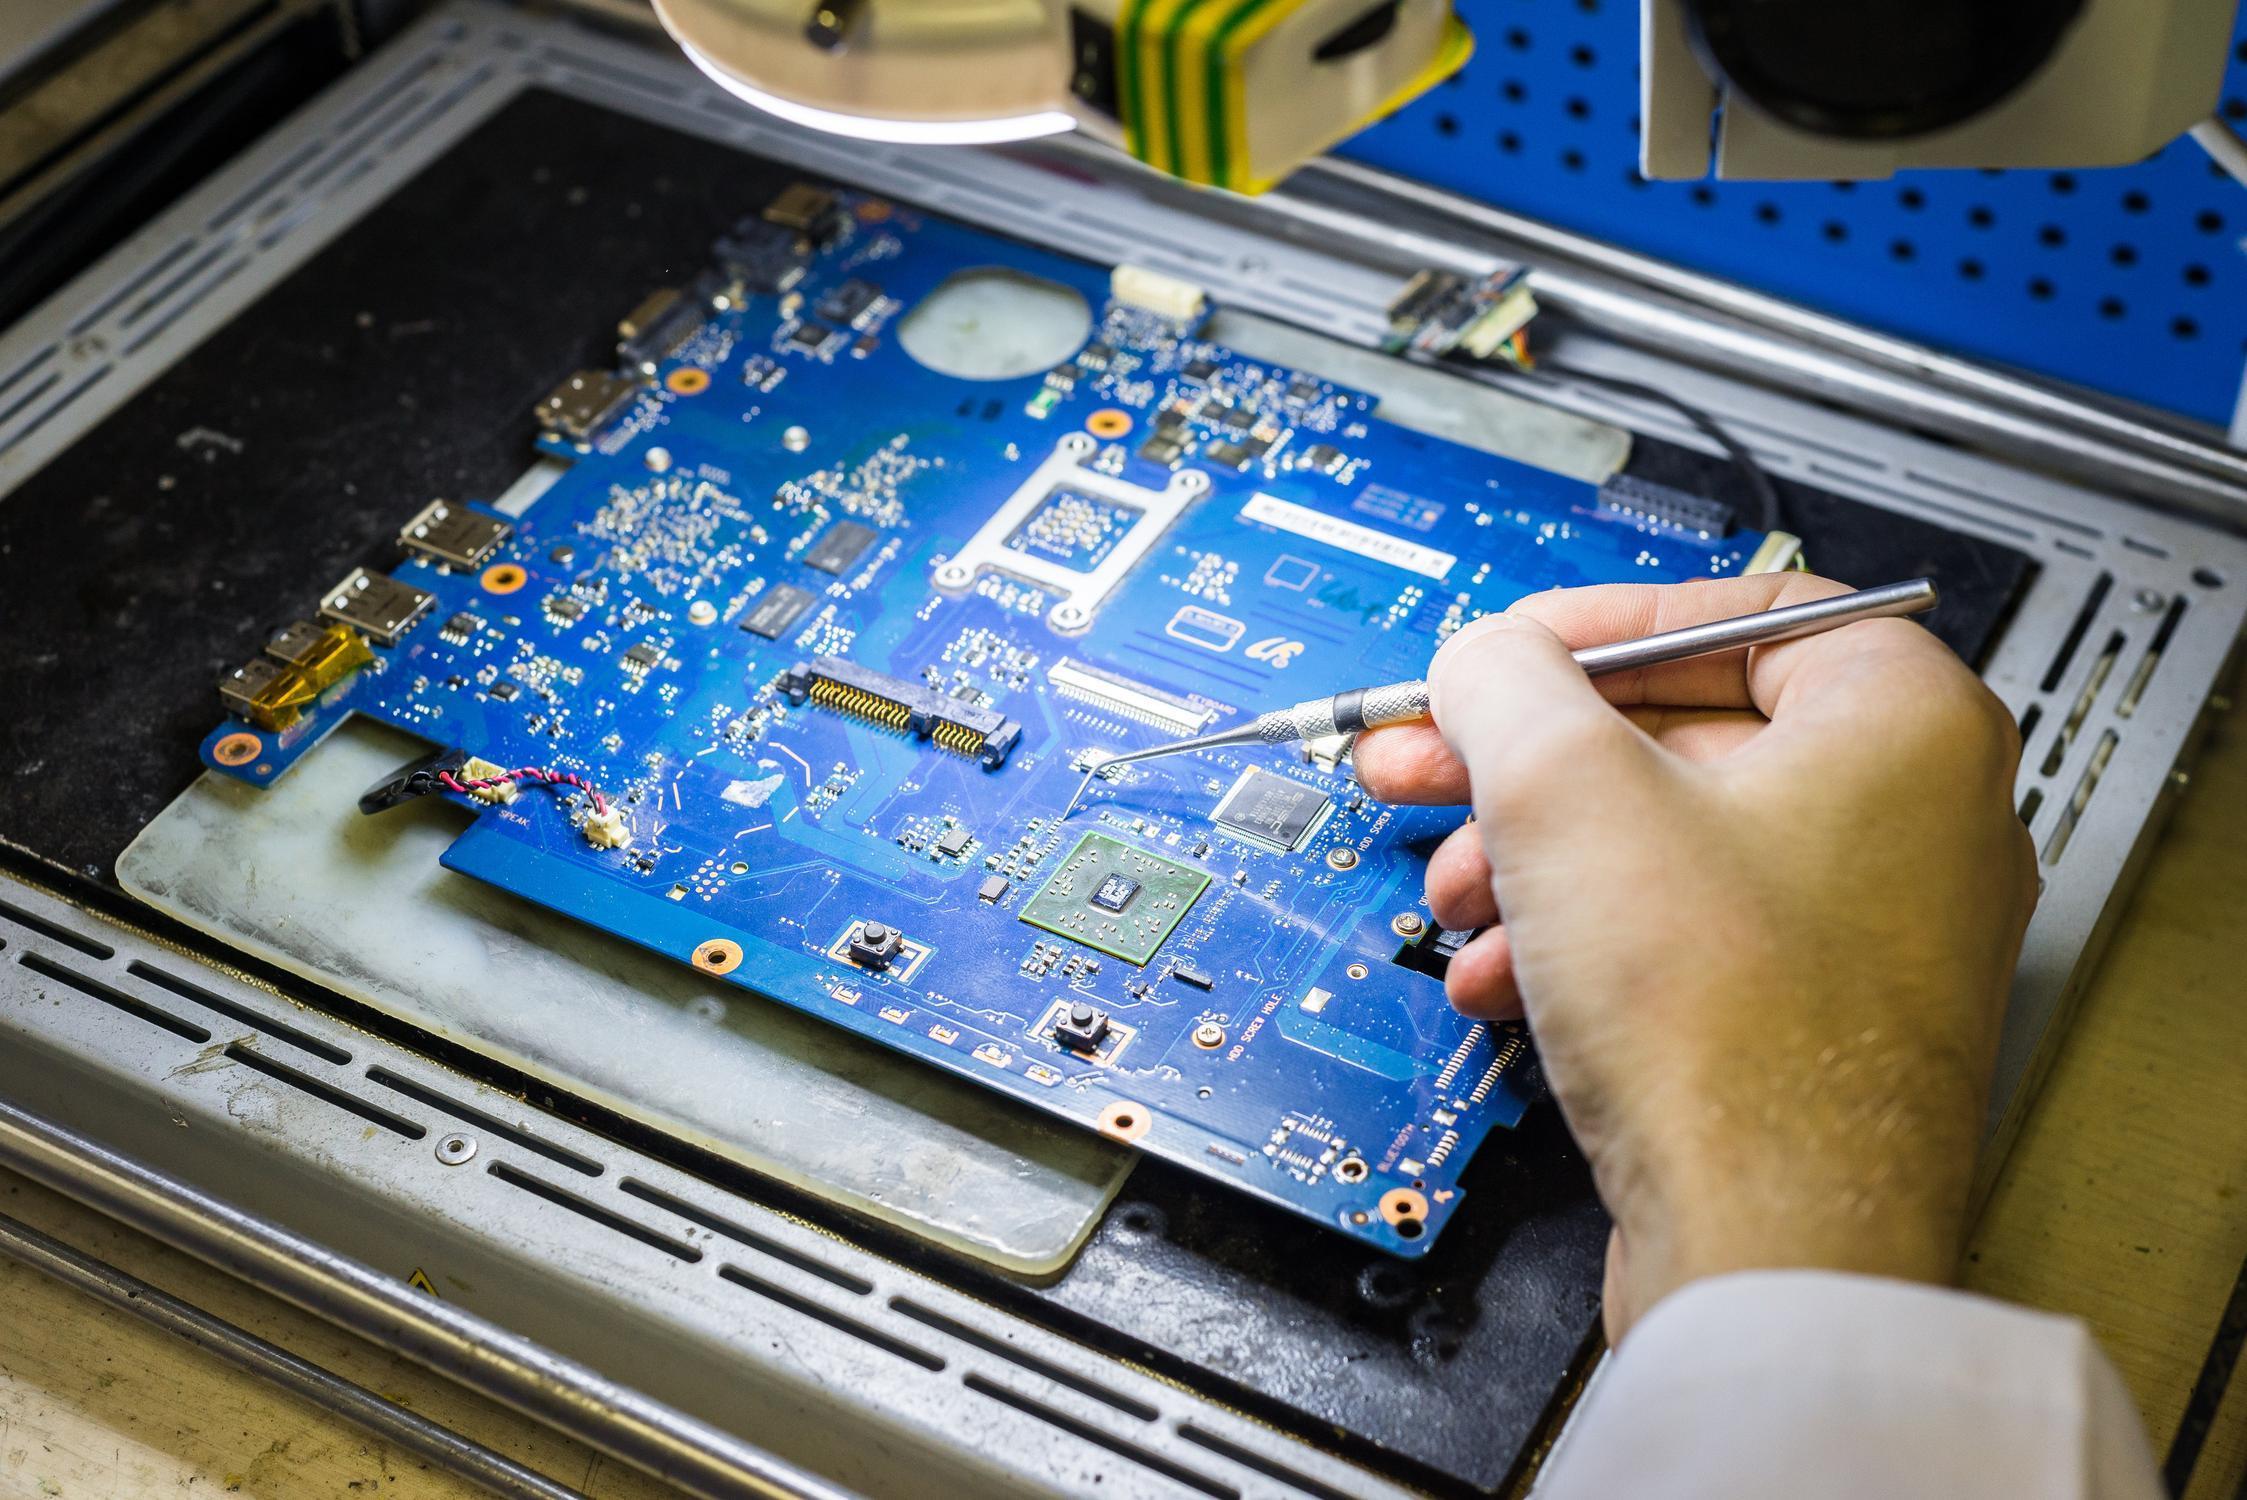 Как починить ноутбук своими руками - курсы по ремонту ноутбуков СПБ